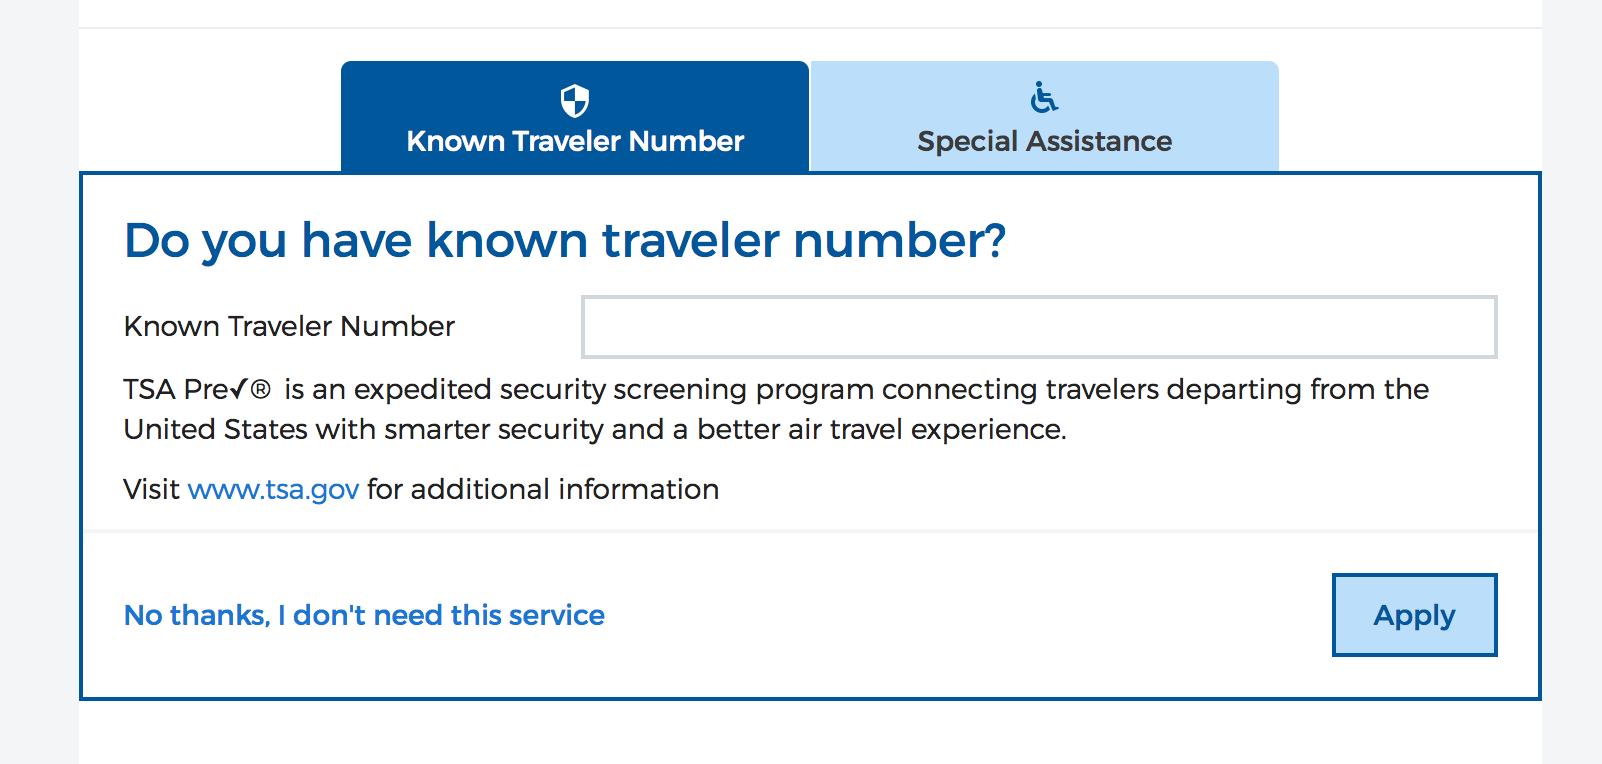 British Airways Add Known Traveler Number